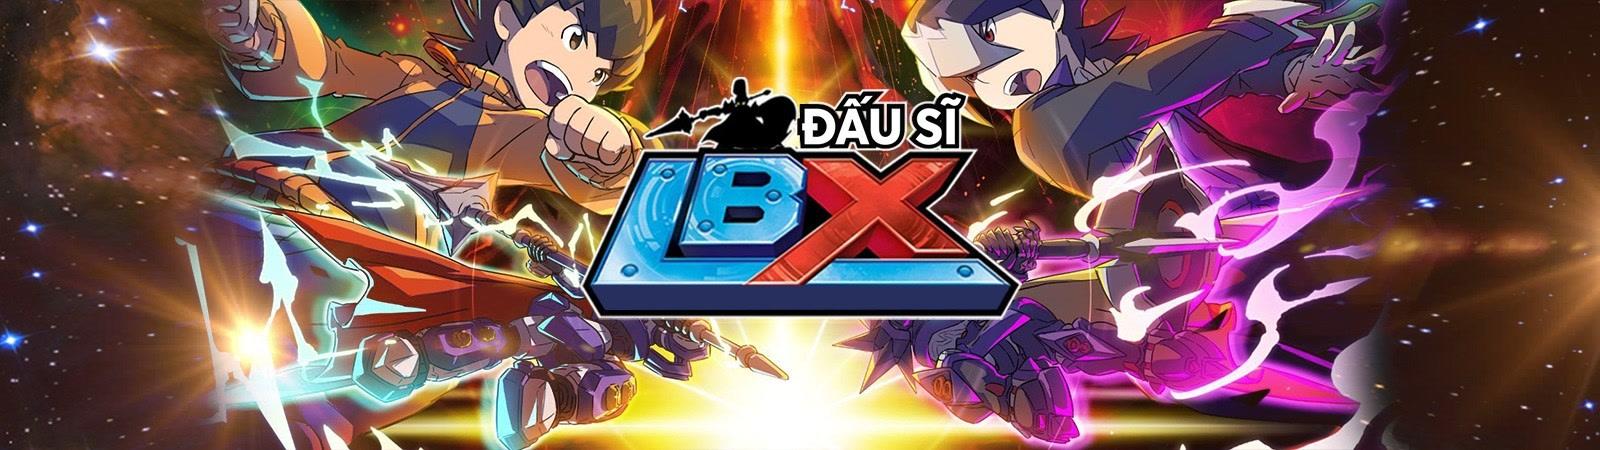 Đấu Sĩ LBX Phần 2 - VietSub (2014)